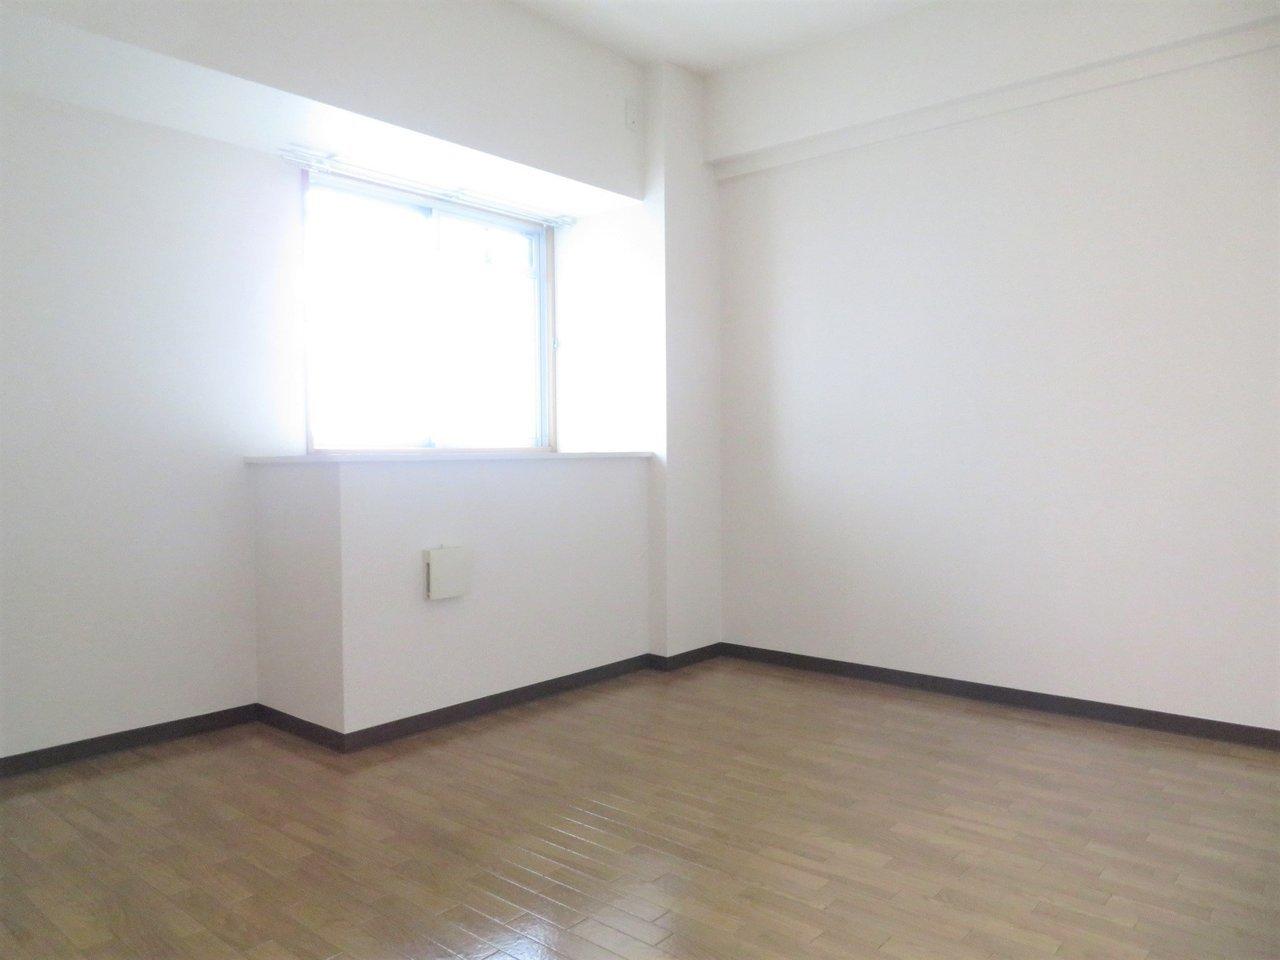 玄関横の洋室は、寝るのにはちょうど良い、少し暗めなのが幸い。ぜひ家族の寝室につかってください。